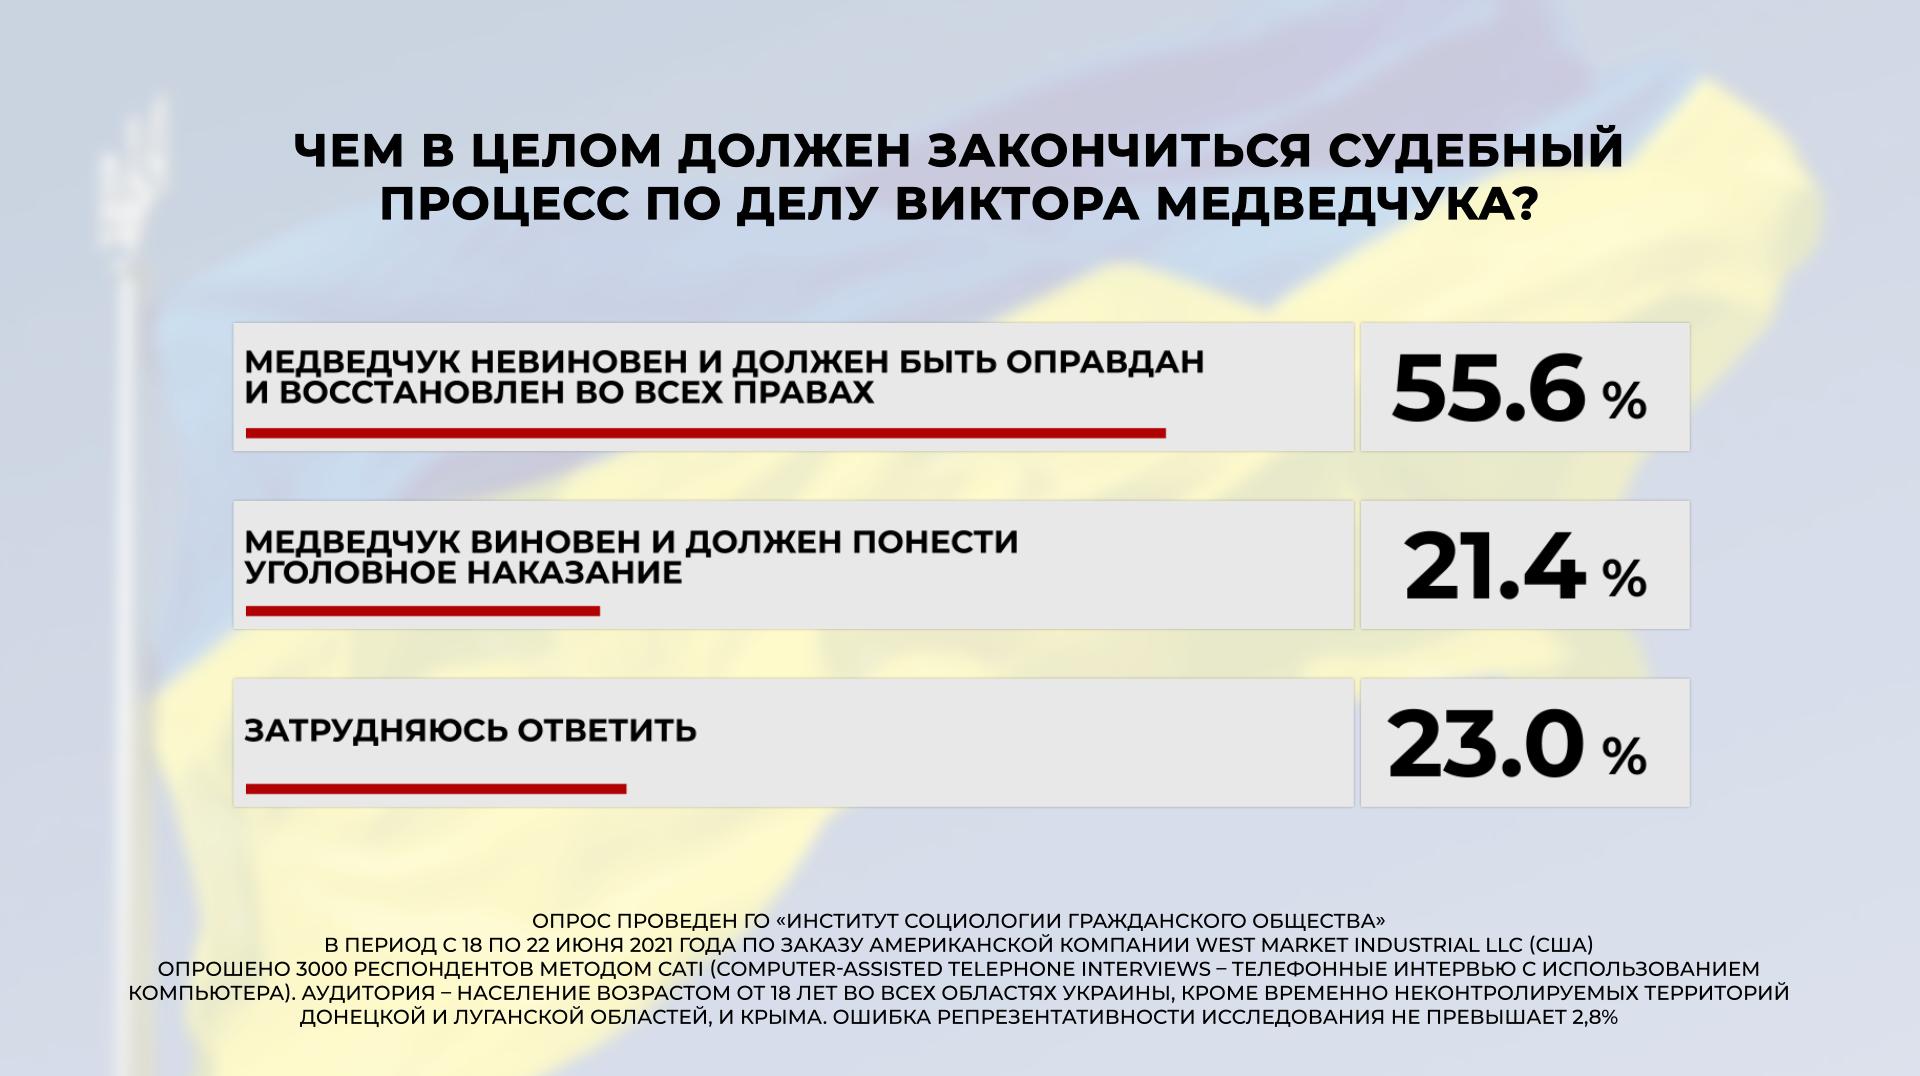 Суд над Медведчуком более 60% украинцев считают манипуляцией власти — опрос - фото 6